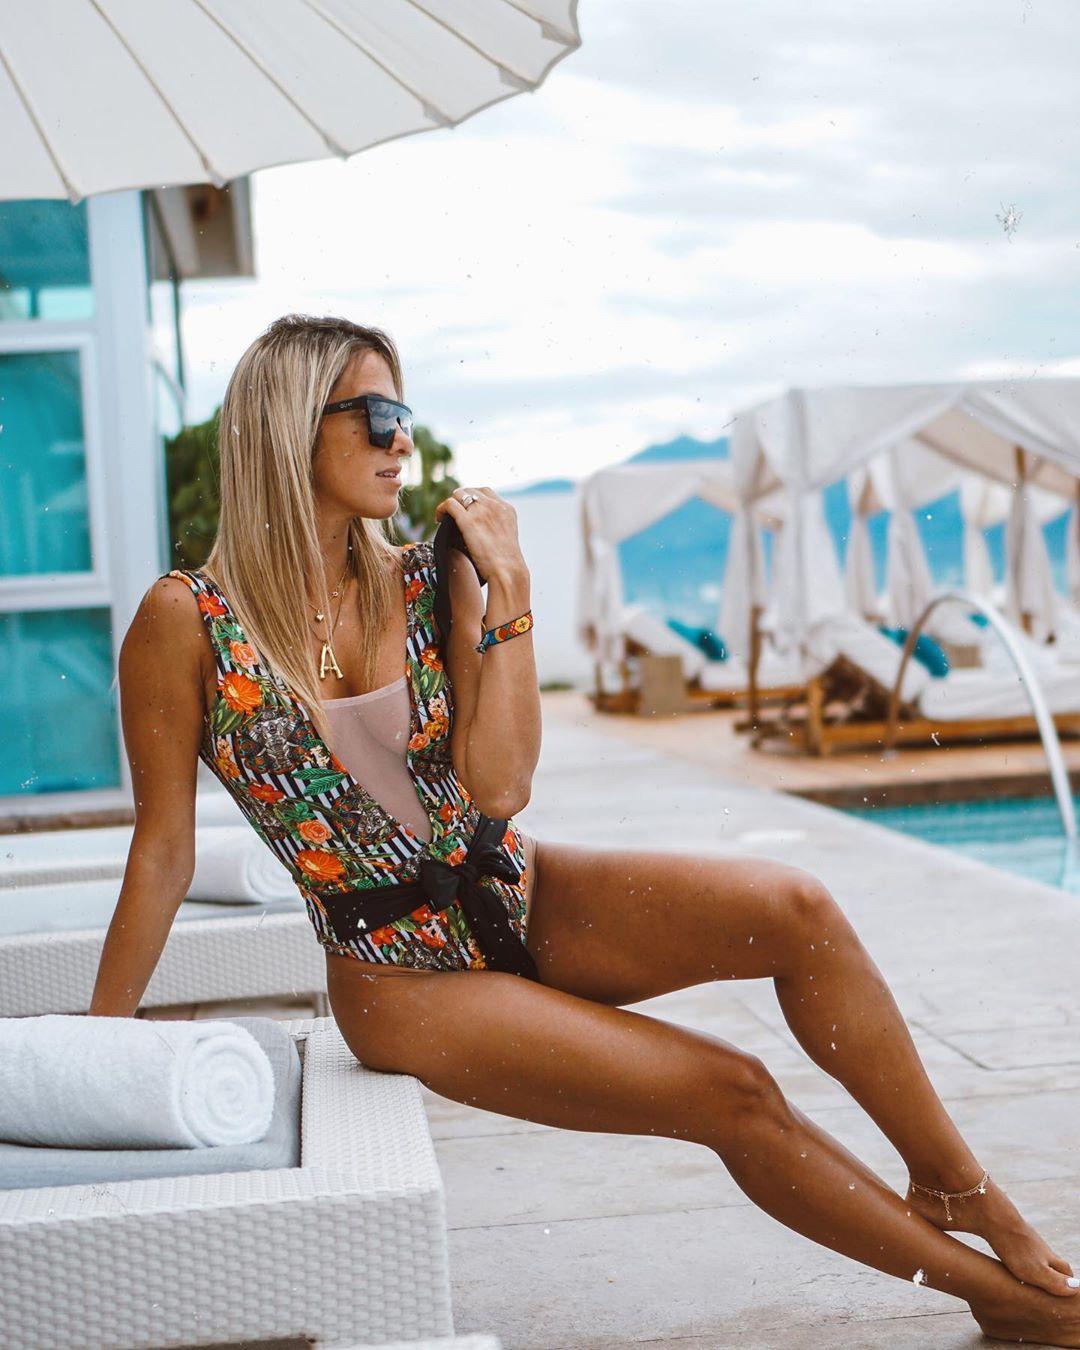 Amanda Ferguson summer bikini style swimwear matching outfit, smooth legs